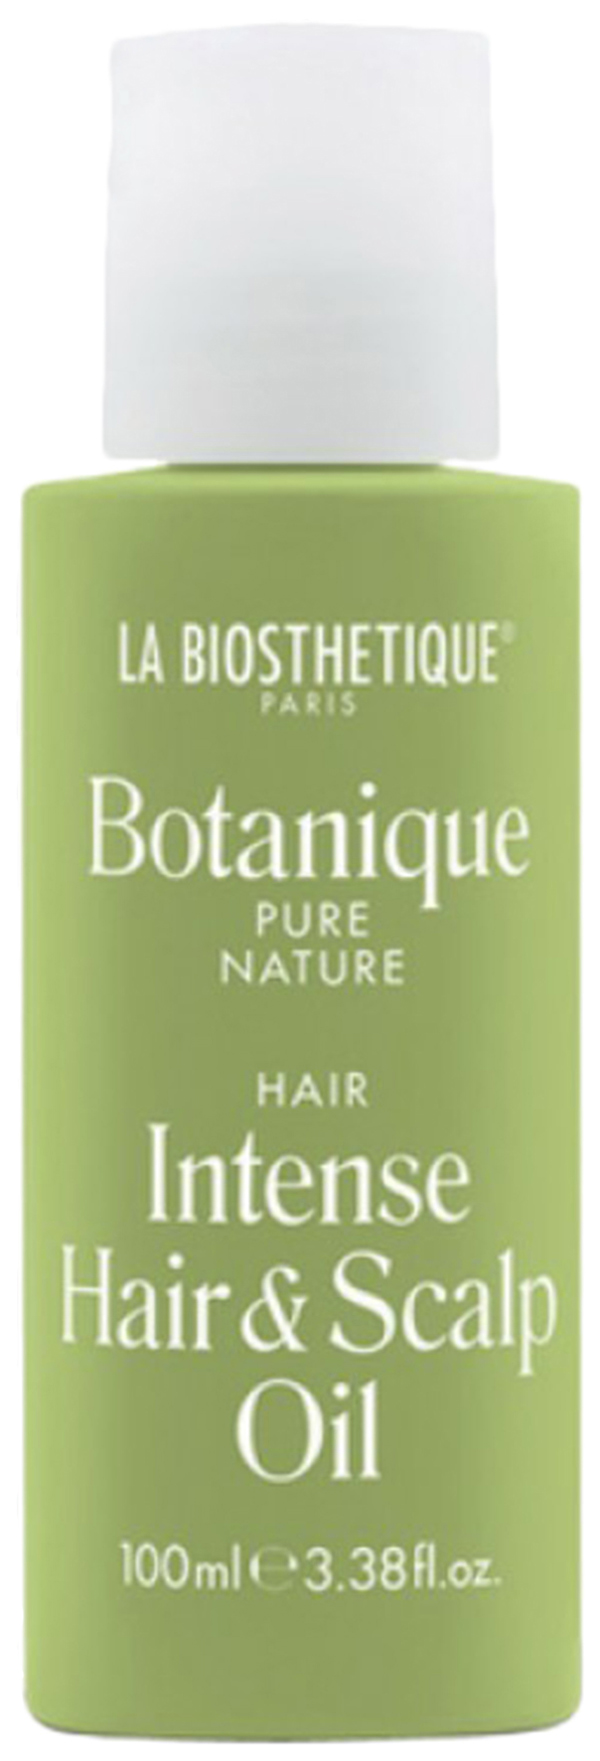 Масло для кожи и волос La Biosthetique Botanique Pure Nature Intense Hair&Scalp Oil